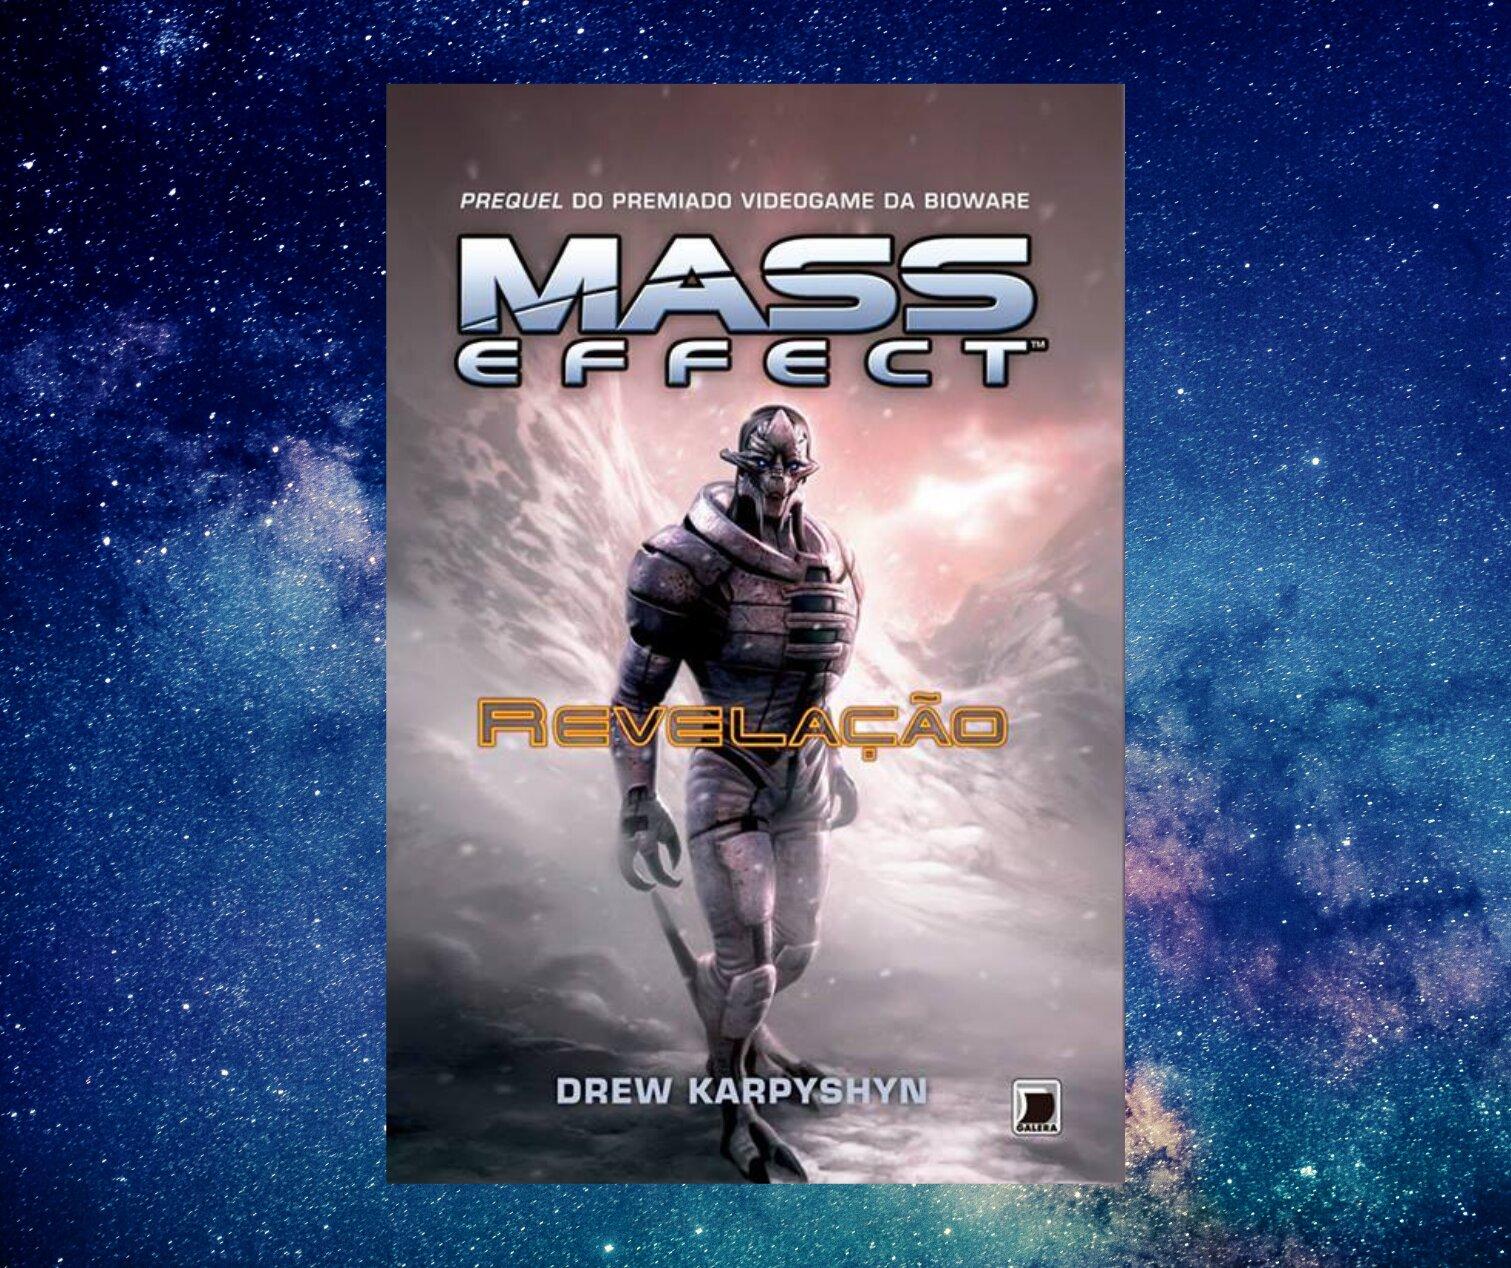 Resenha: Mass Effect - Revelação, de Drew Karpyshyn